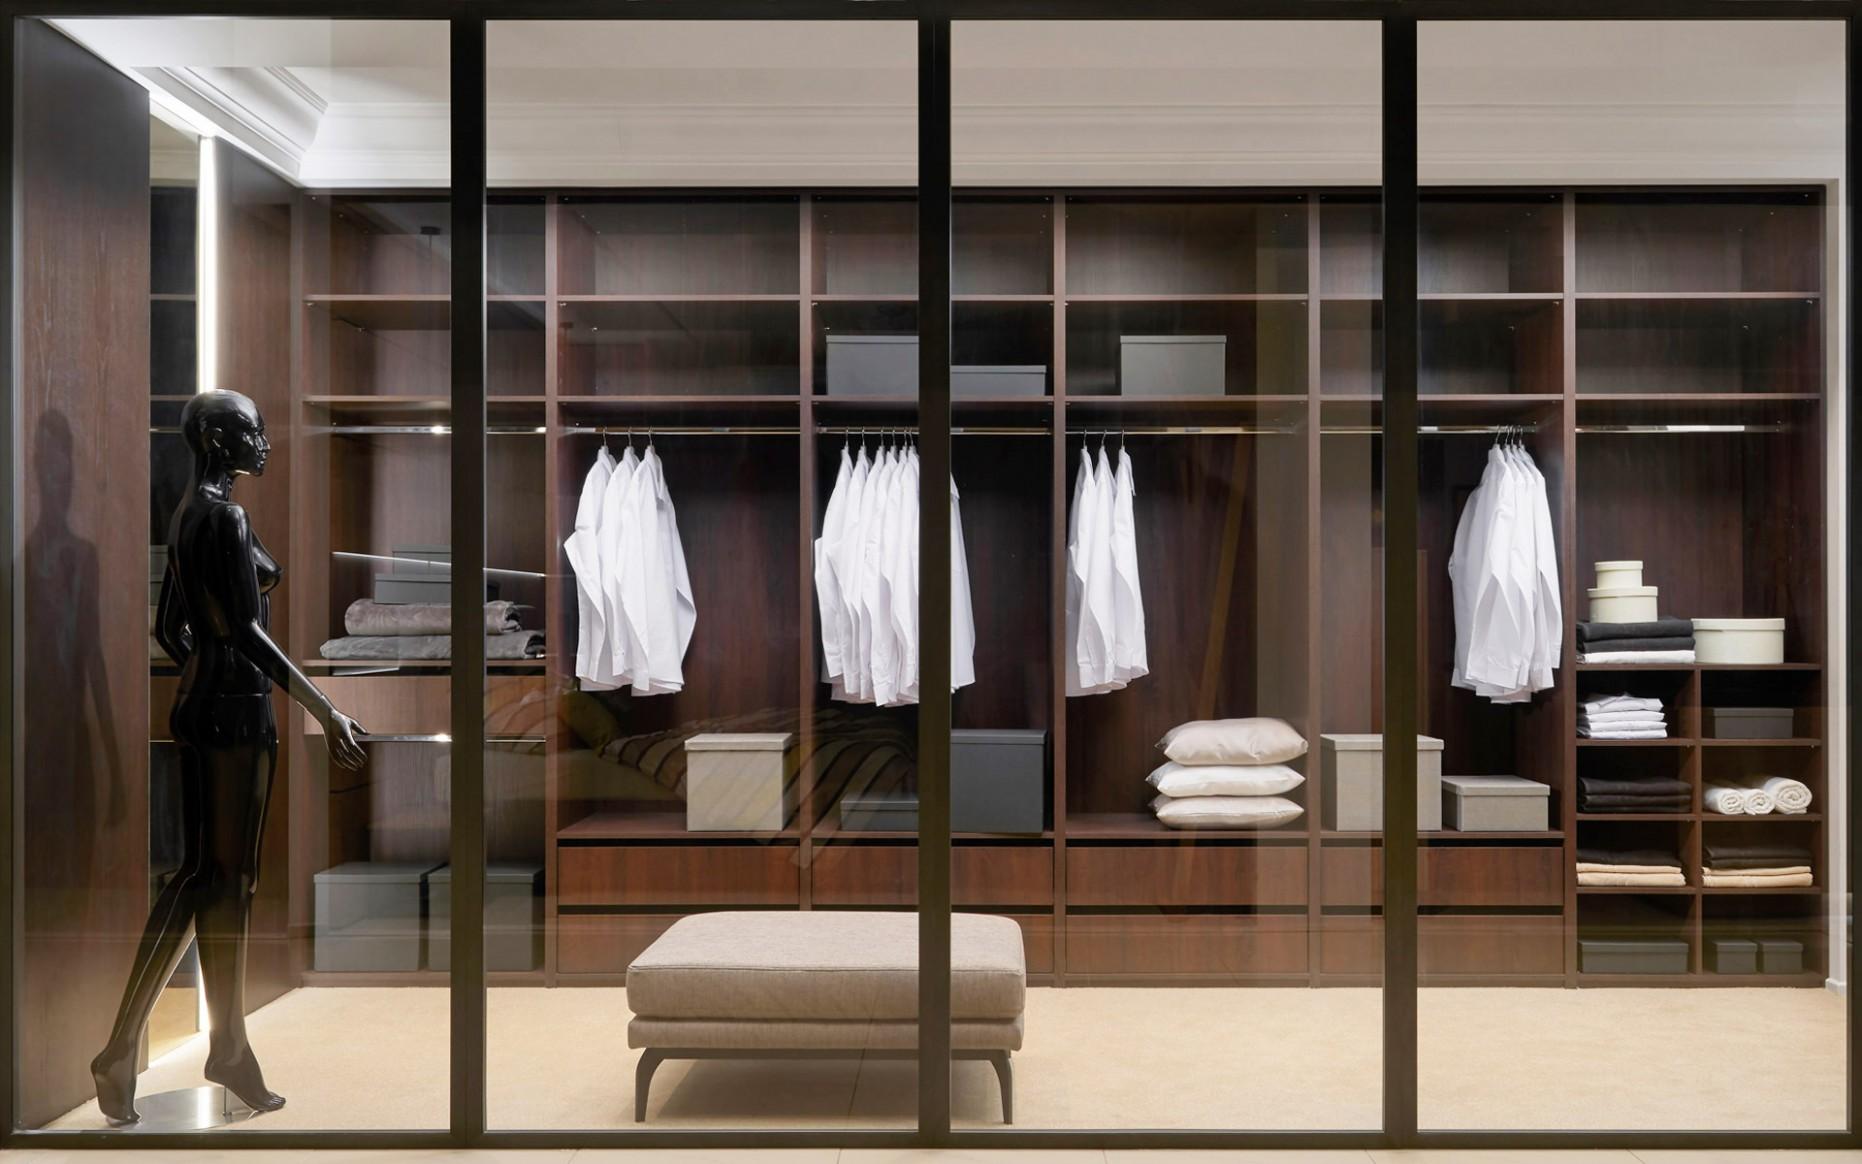 Šatny a skříně | HANÁK - Moderní šatní skříně a šatny - Vnitrní Vybavení Skríní